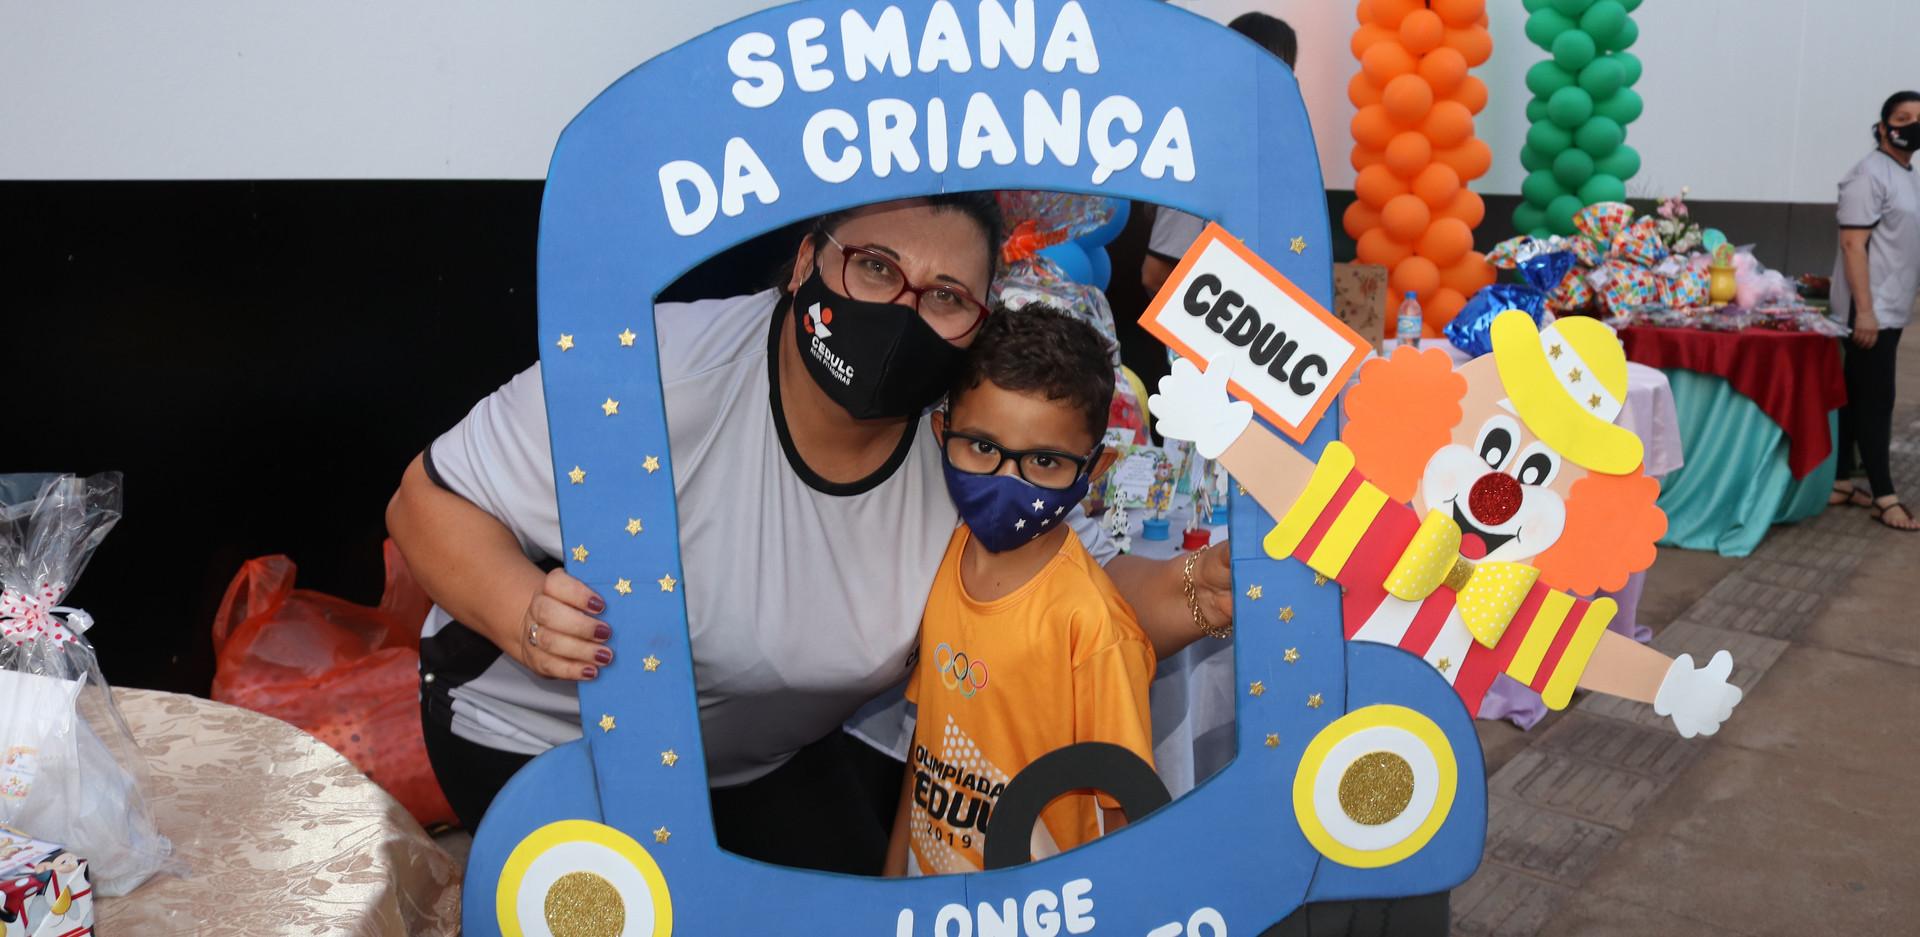 SEMANA DA CRIANCA NO CEDULC (126).JPG